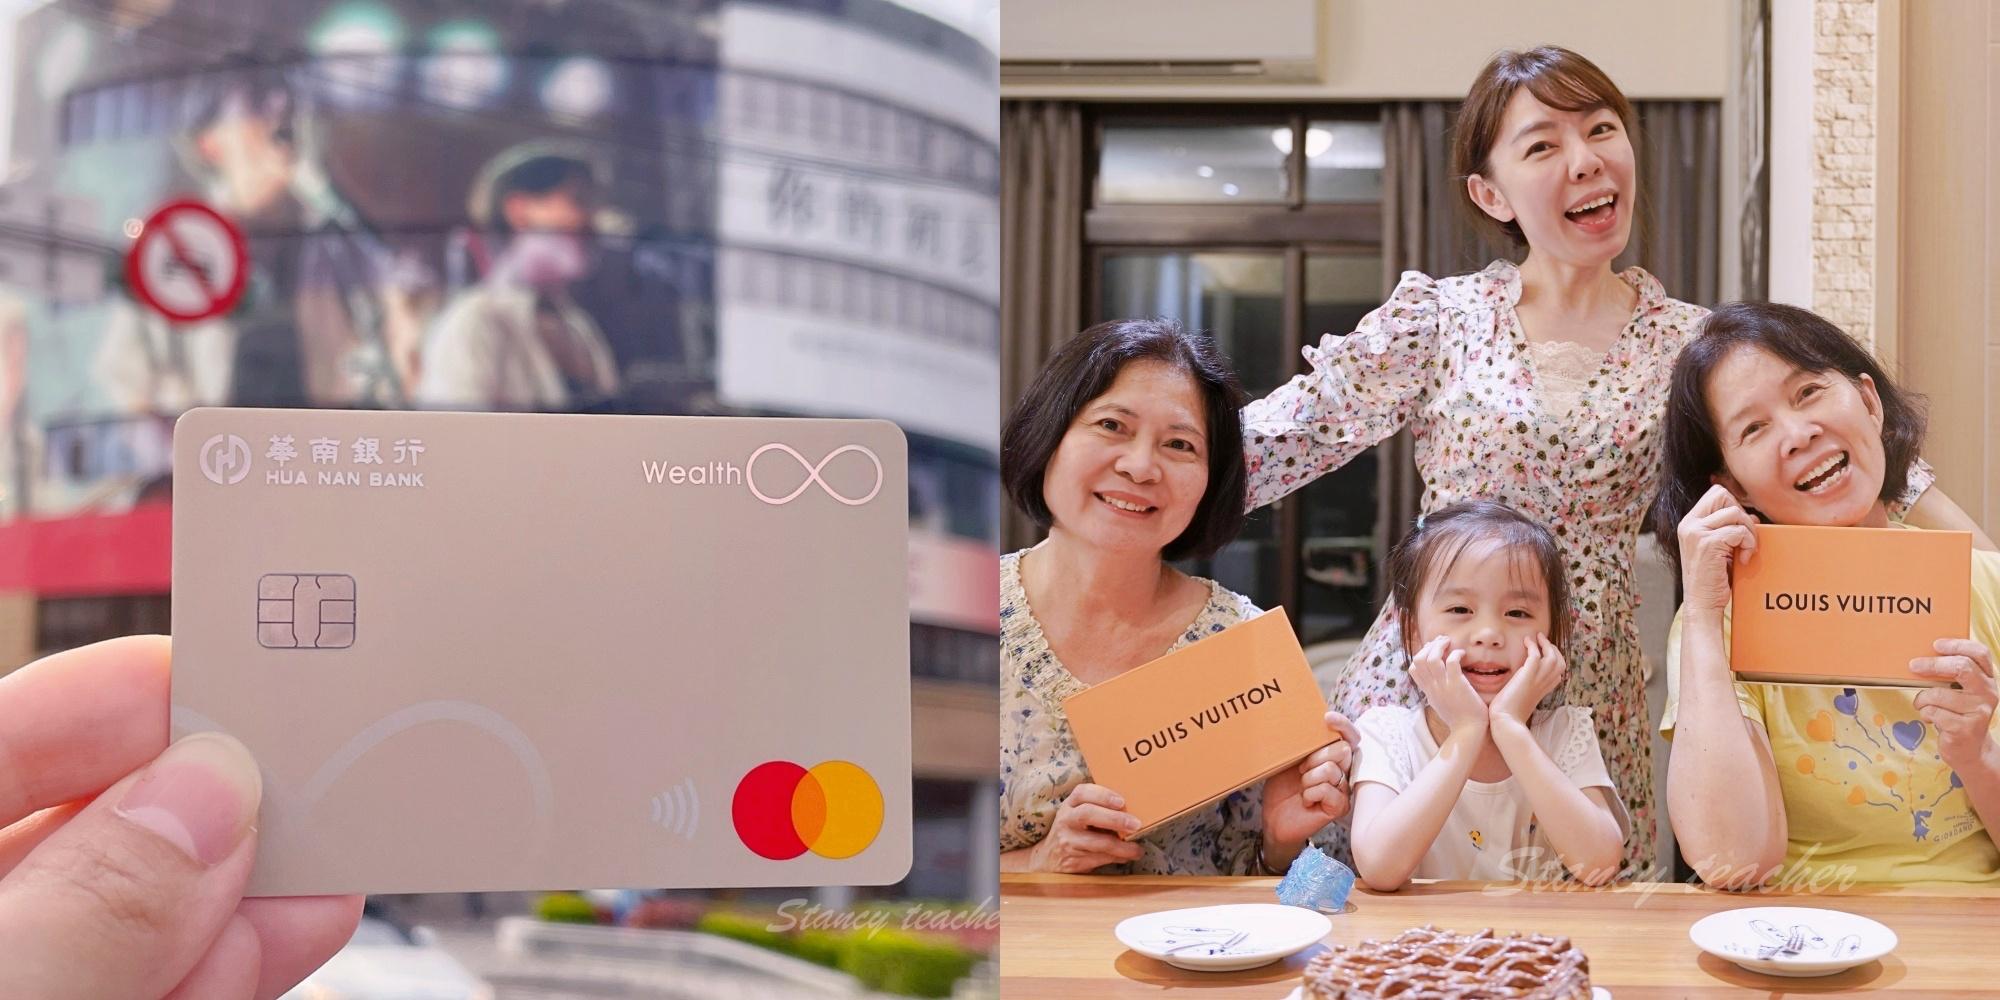 華南銀行 RICH+富家卡|全國第一張投資理財信用卡|國內1%、海外2%現金回饋、回饋率直衝5%